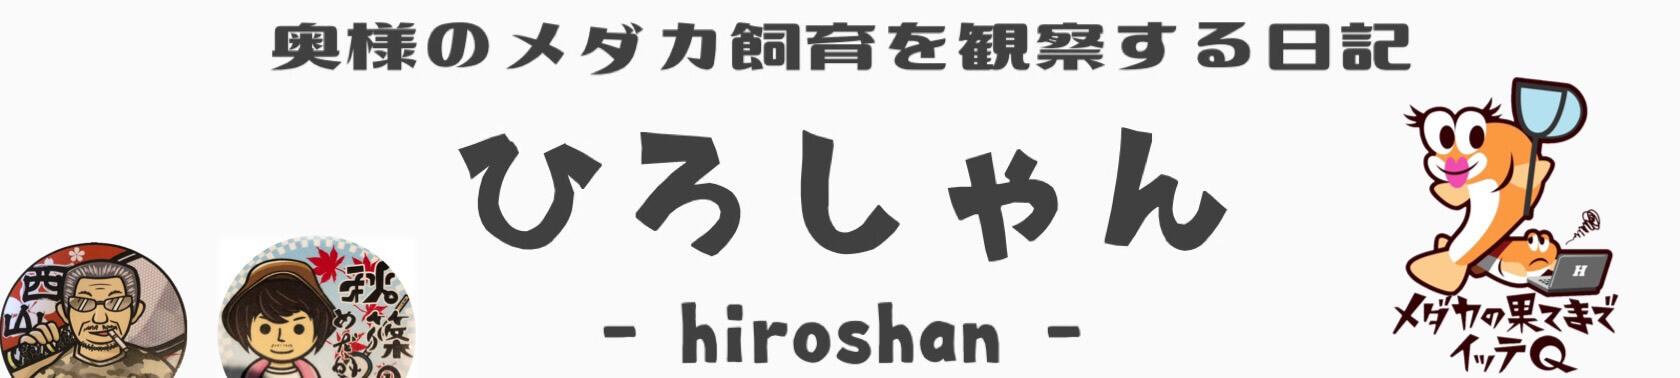 ひろしゃんのメダカブログ(メダカの果てまでイッテQ)